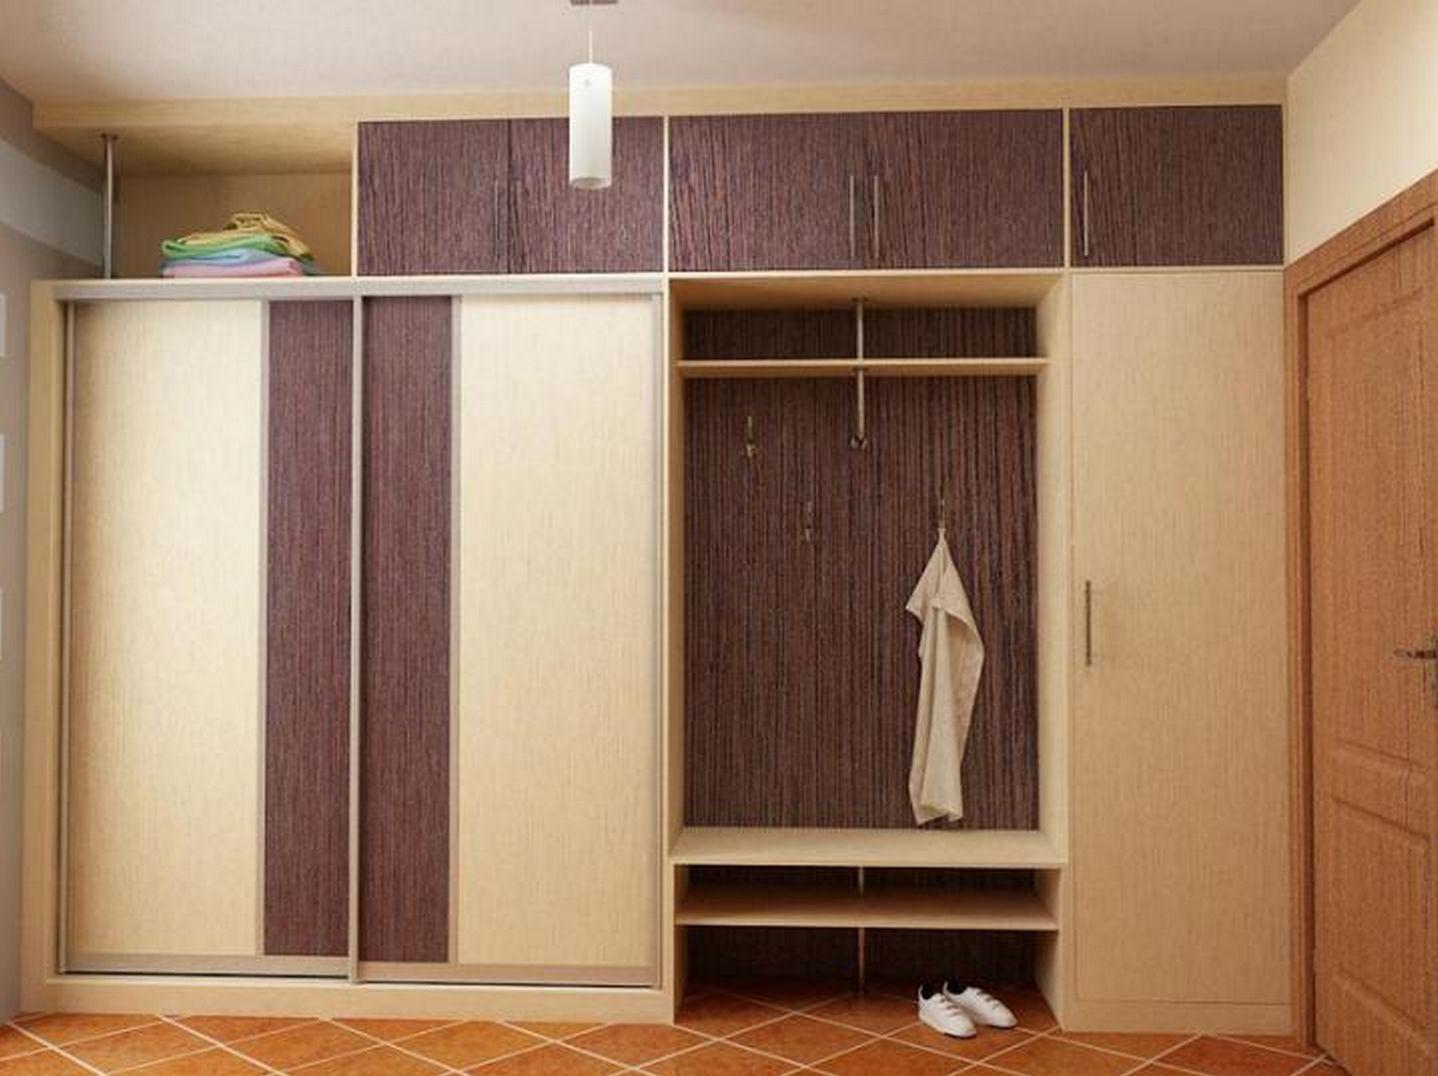 Дизайн прихожей в доме: интерьер и мебель, видео и фото.